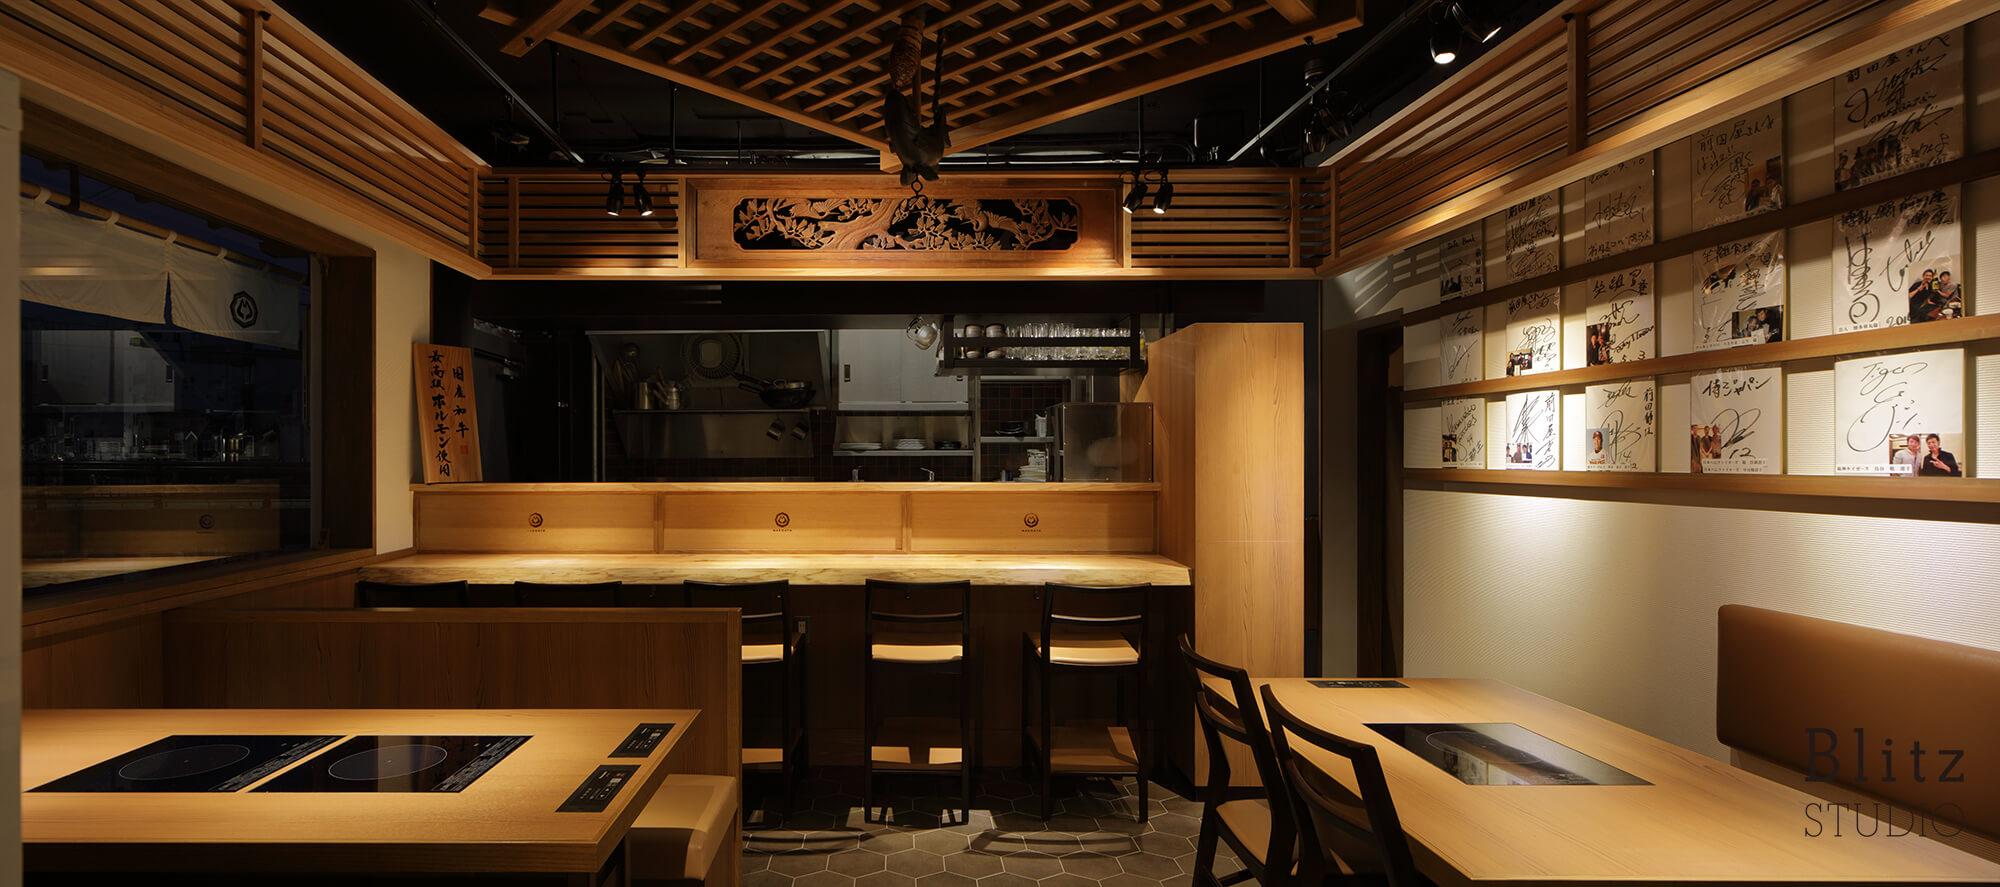 『博多もつ鍋 前田屋』-福岡県福岡市-建築写真・竣工写真・インテリア写真5